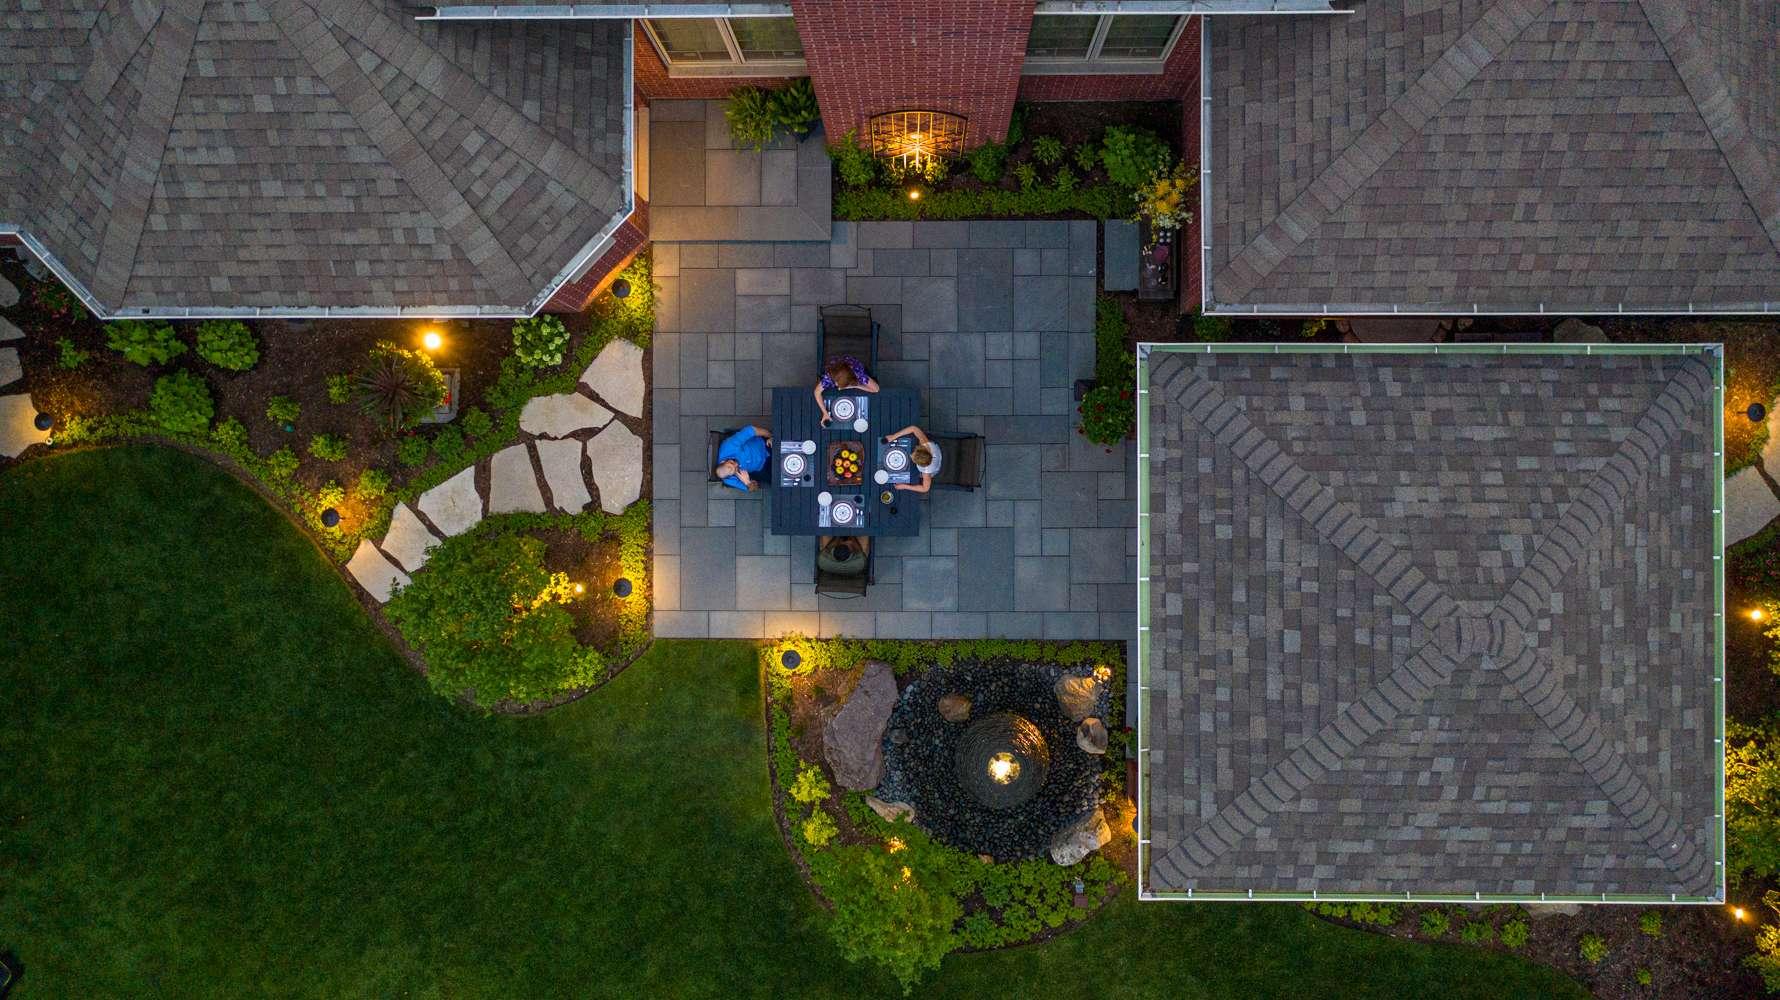 Aerial view of brick paver patio